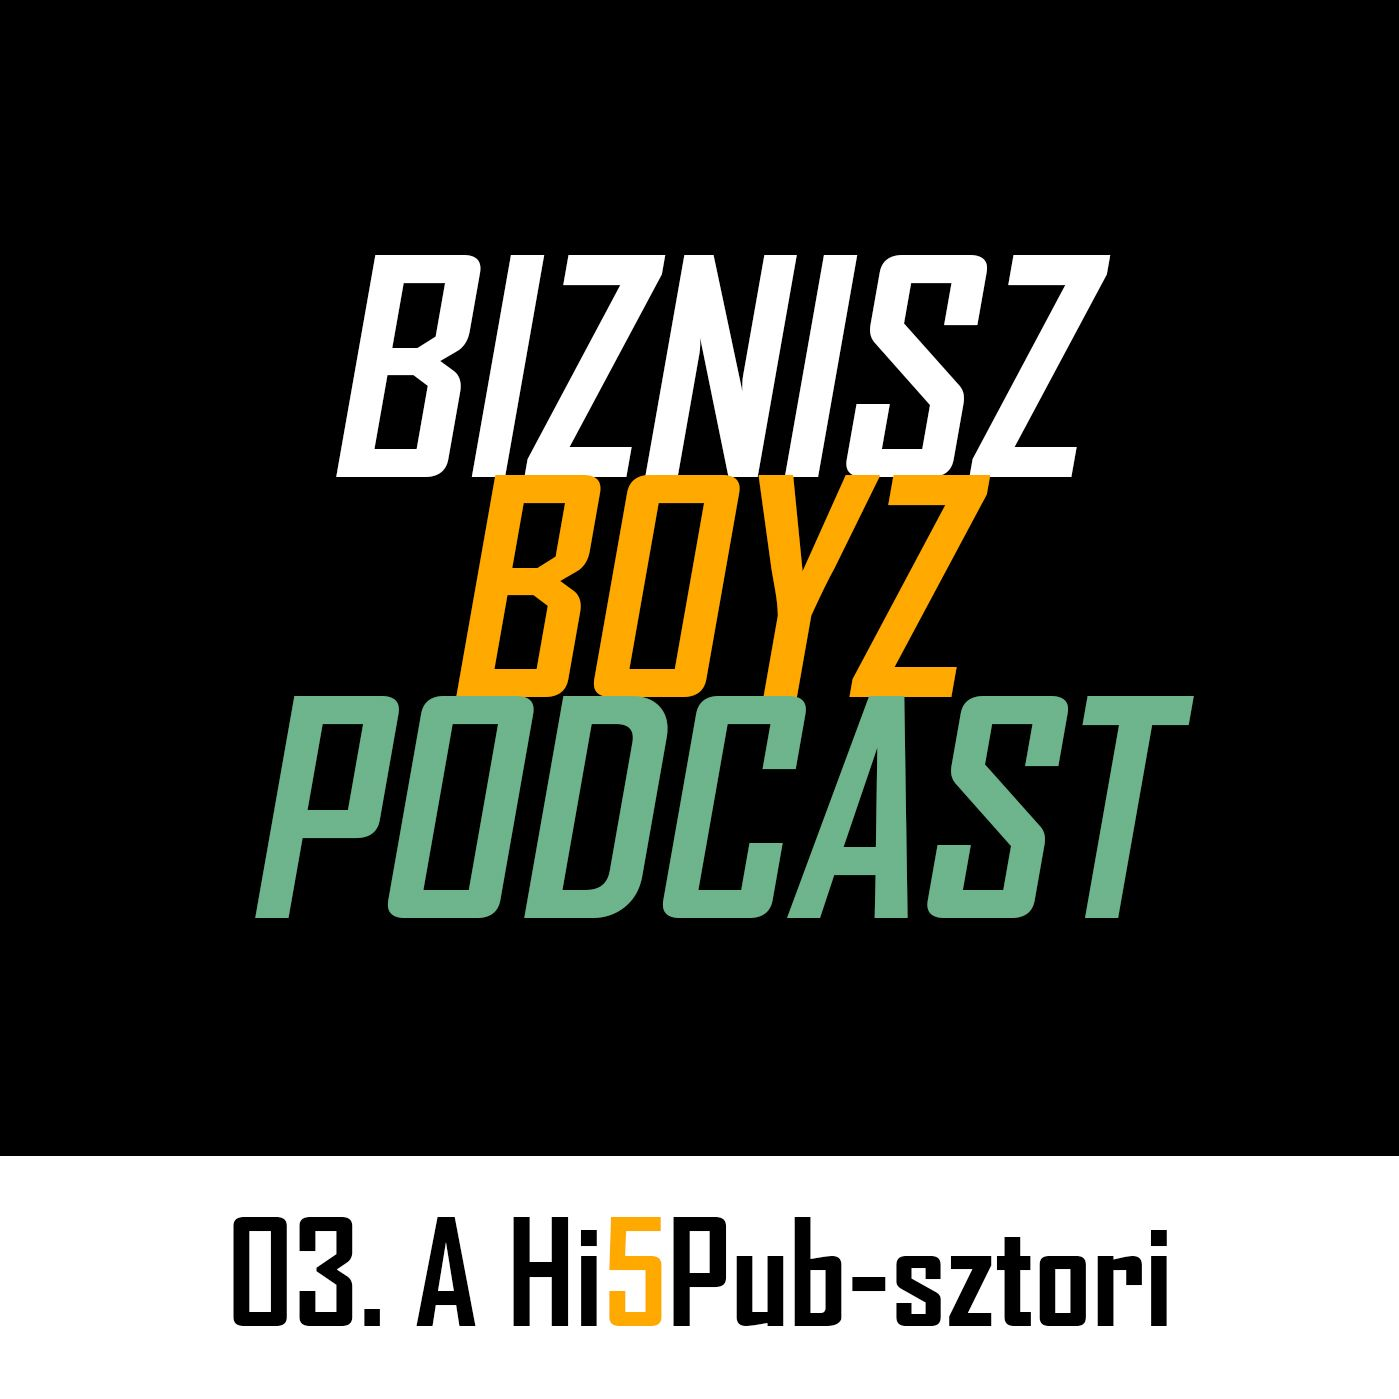 3. Csukafejes a vendéglátóiparba - A Hi5Pub-sztori | Biznisz Boyz